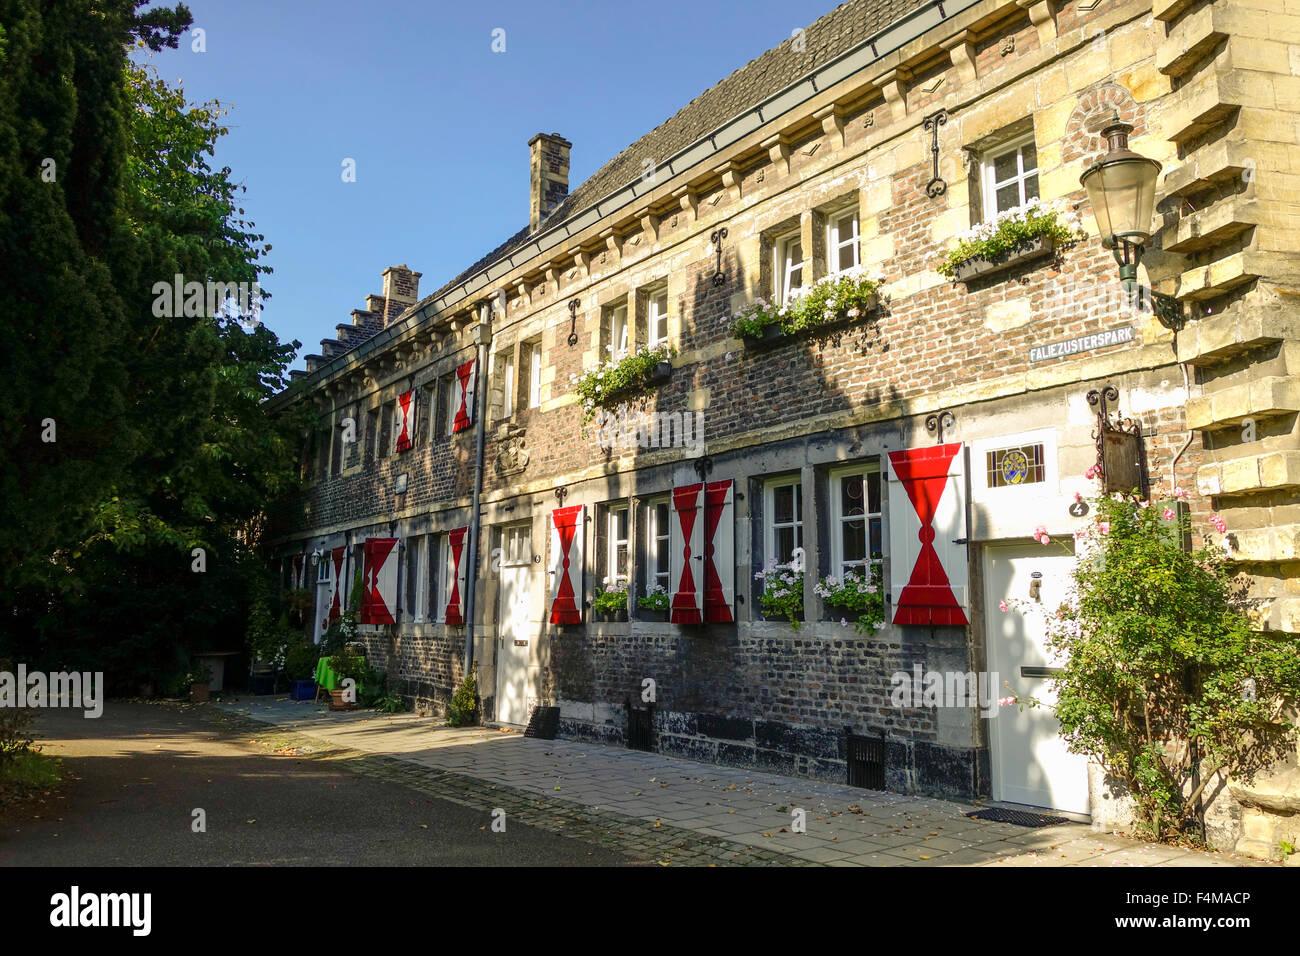 Mittelalterliche Kloster Faliezusters entlang Stadt Wände in Maastricht, Limburg, Niederlande. Stockbild